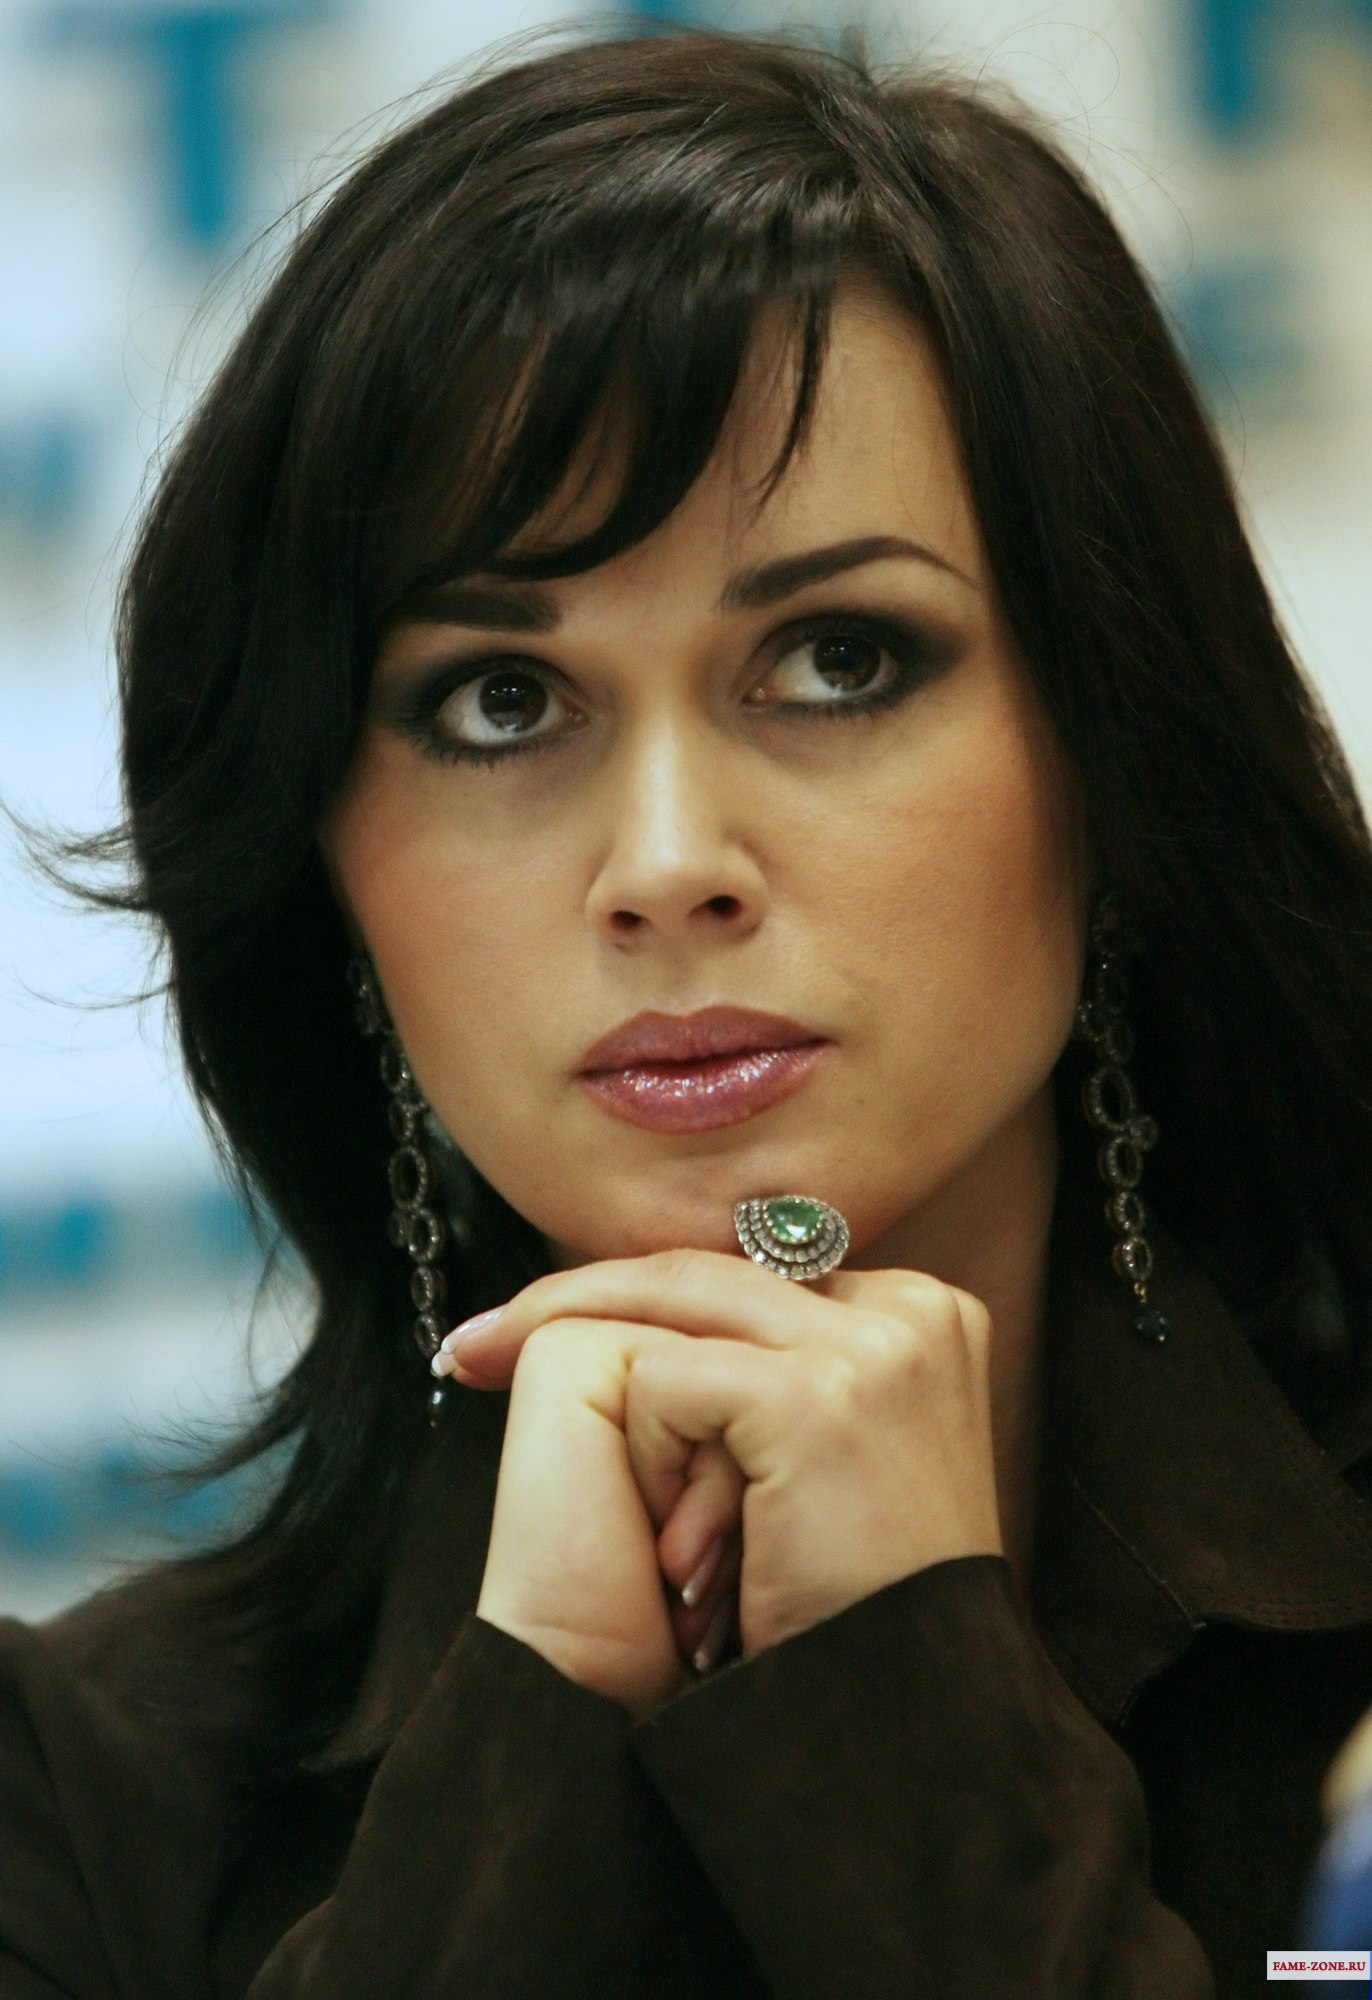 Знаменитости российского кино фото девушки 2